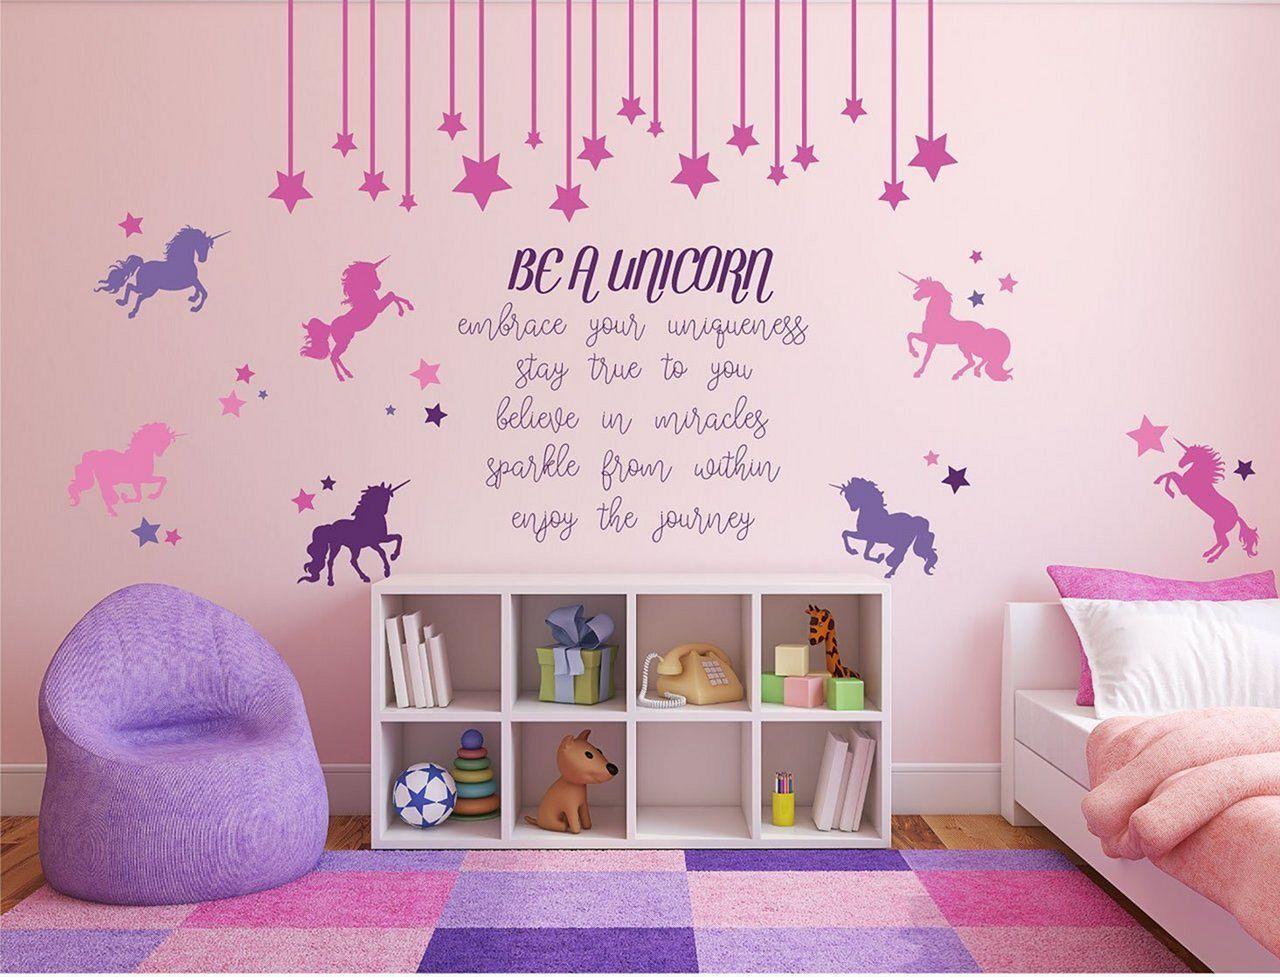 Inspirational unicorn bedroom